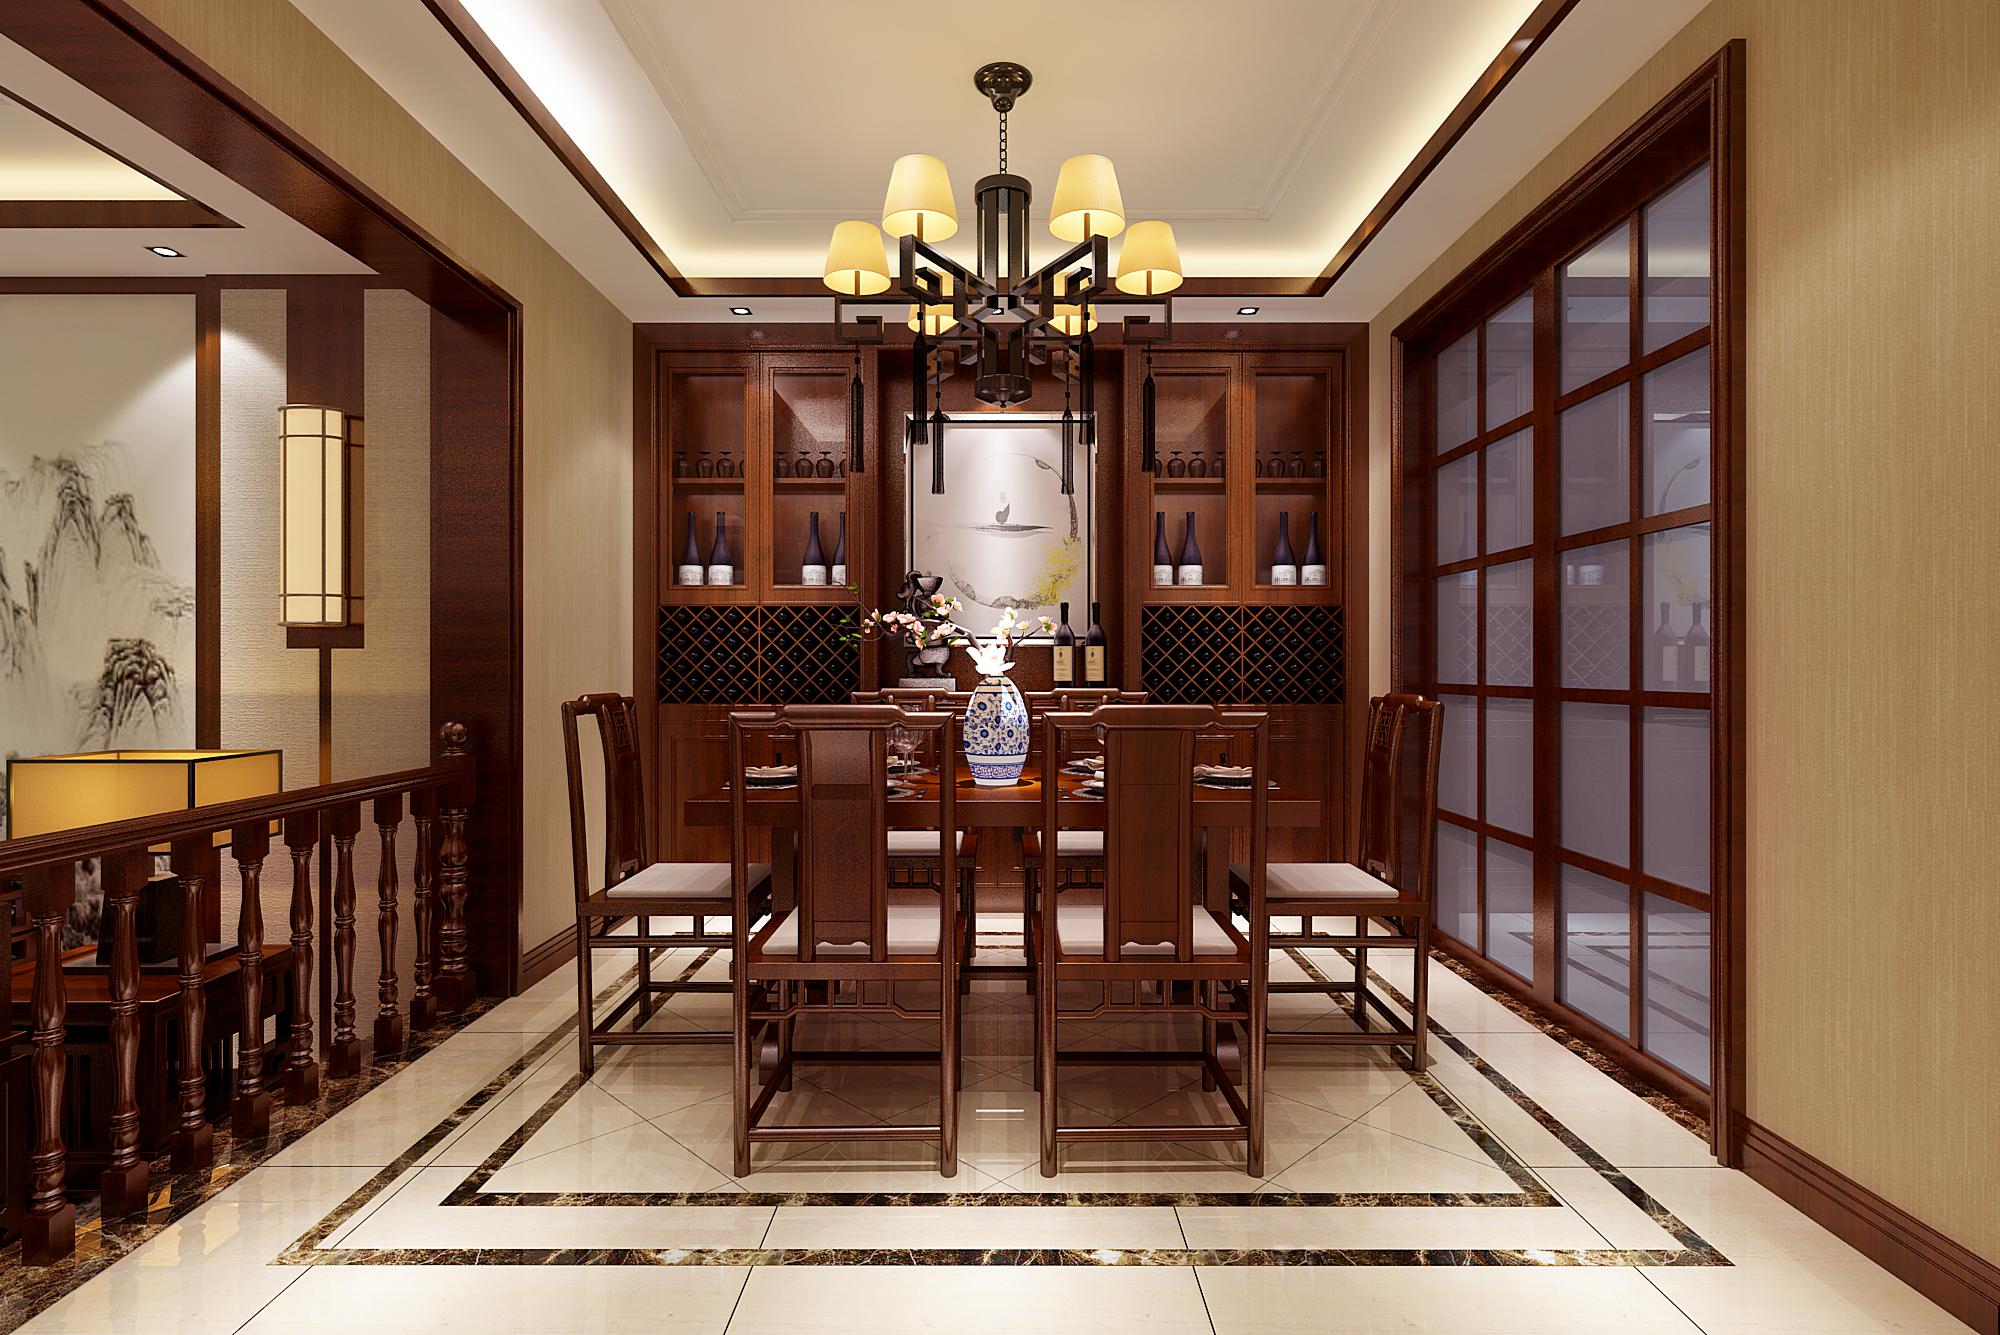 新中式风格餐厅设计效果图